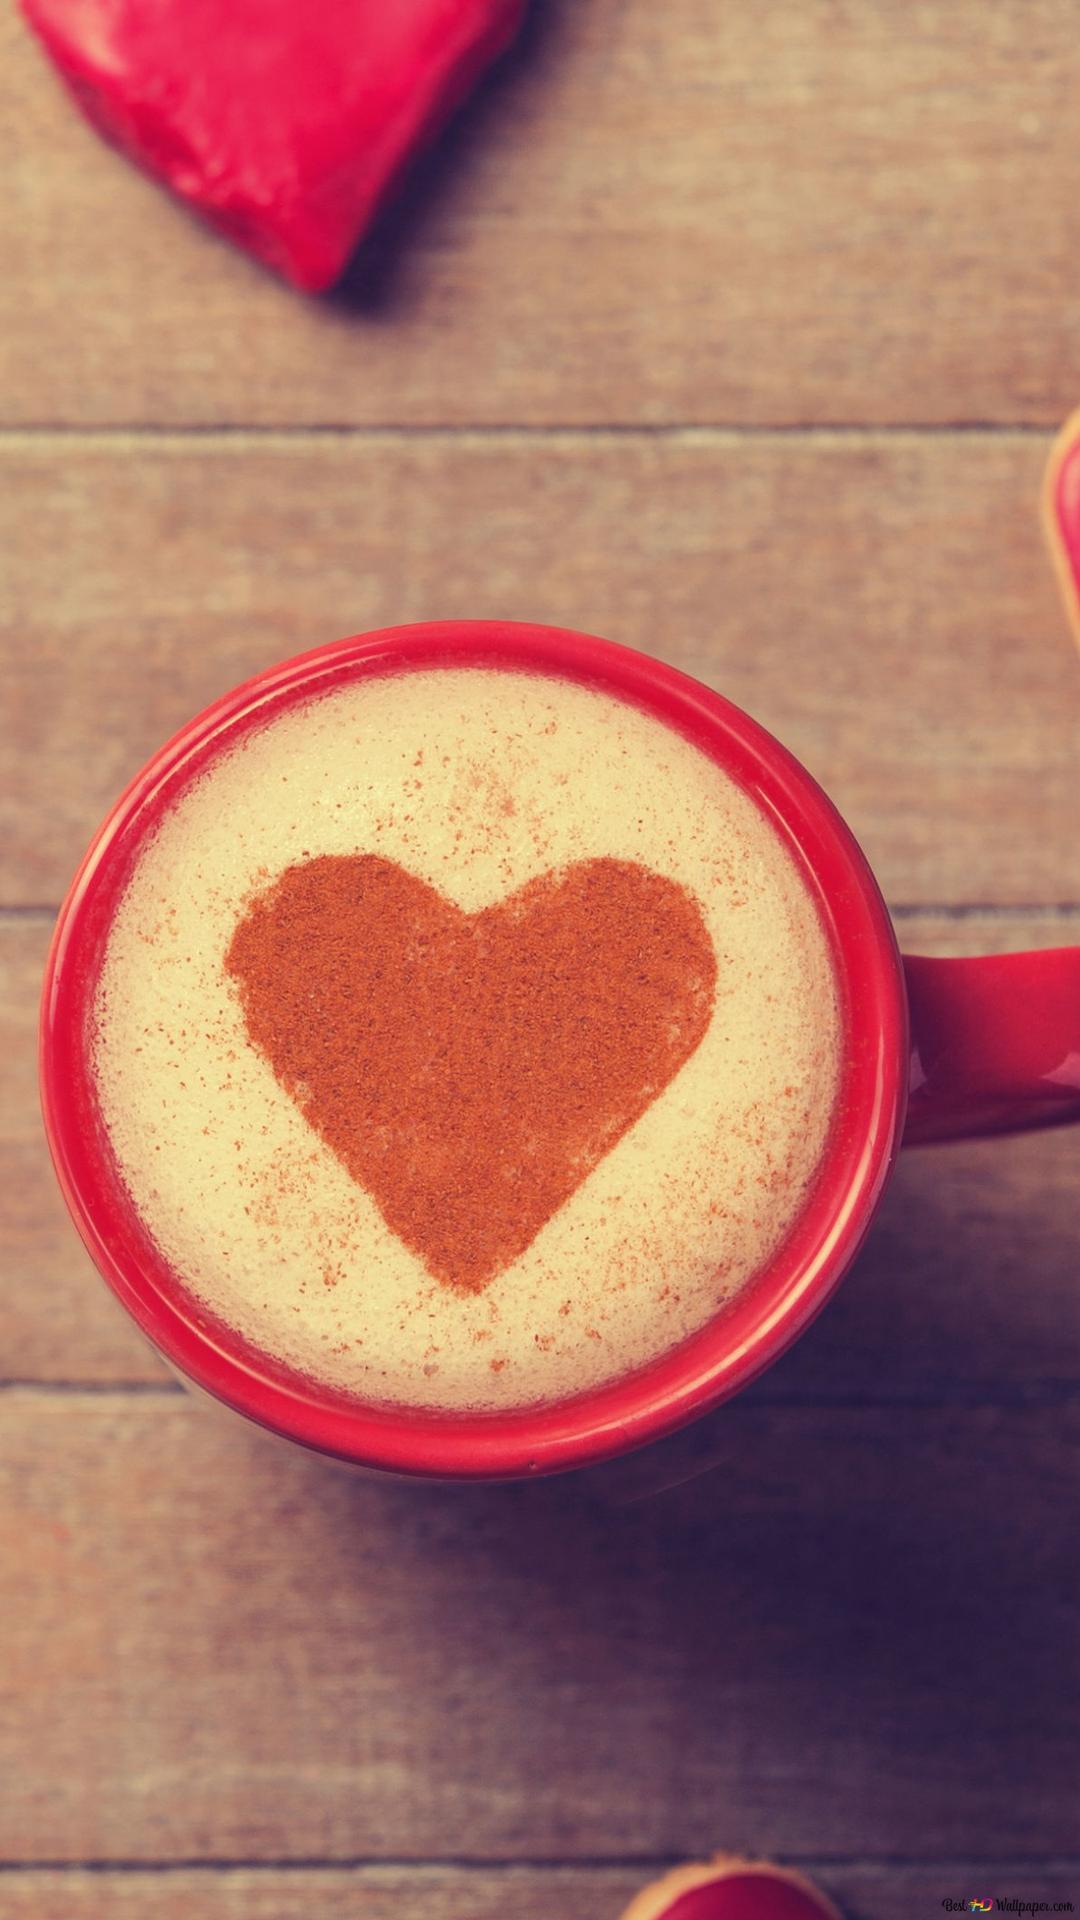 バレンタインの日 心とコーヒー Hd壁紙のダウンロード